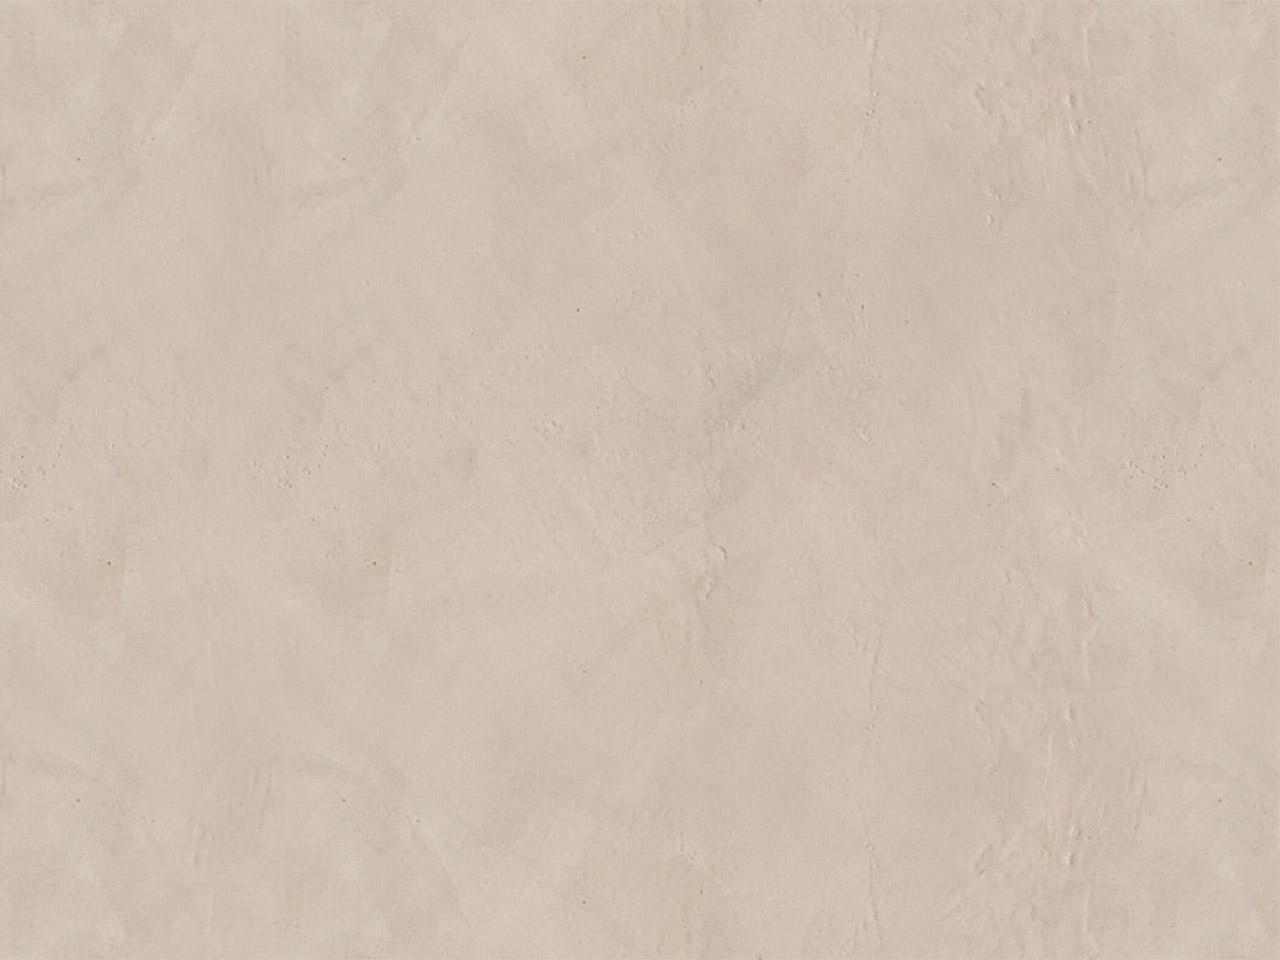 Warm beige WB06 - Concrete texture paint